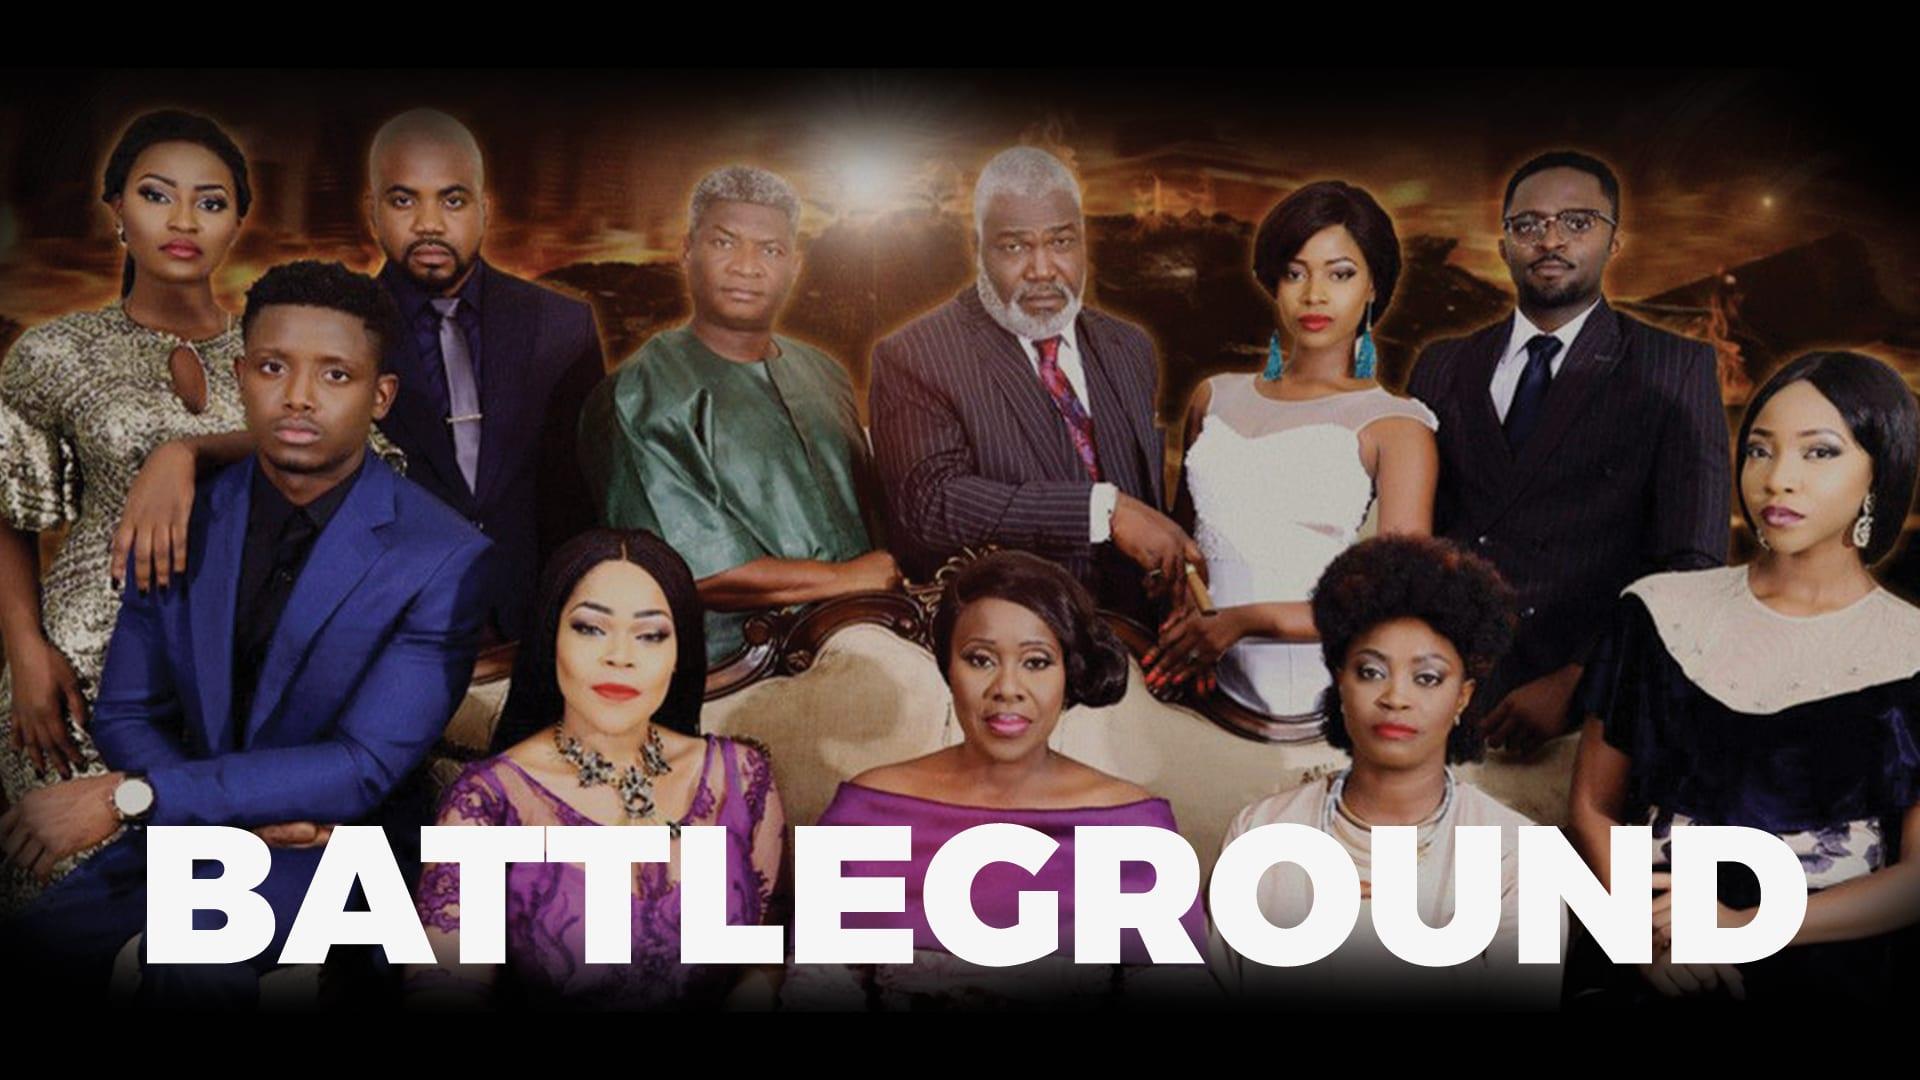 Battleground Title 800 450